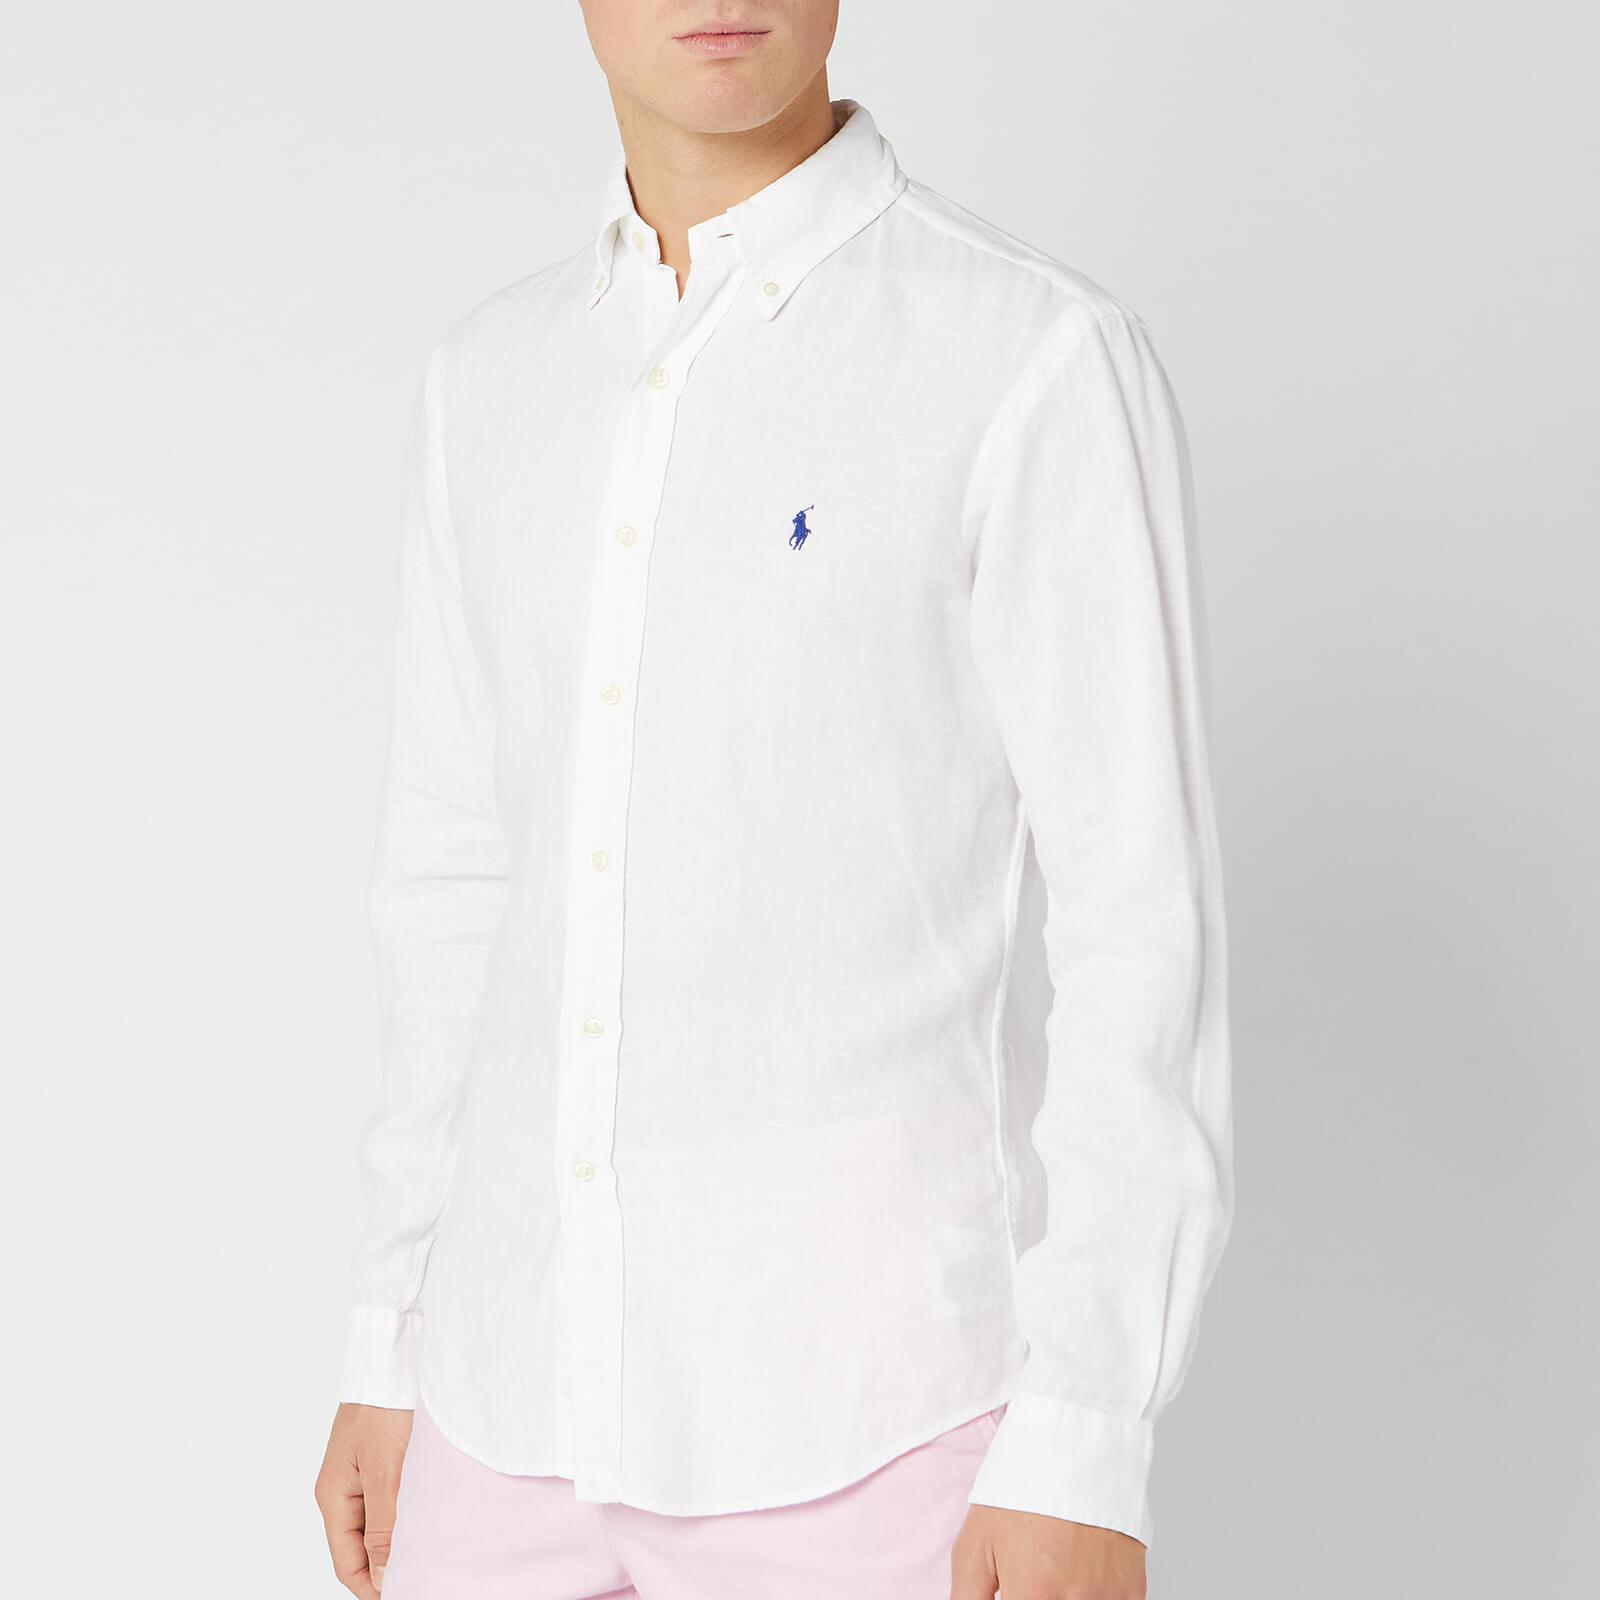 6d02f30897 Polo Ralph Lauren Men's Slim Fit Linen Shirt - Pure White